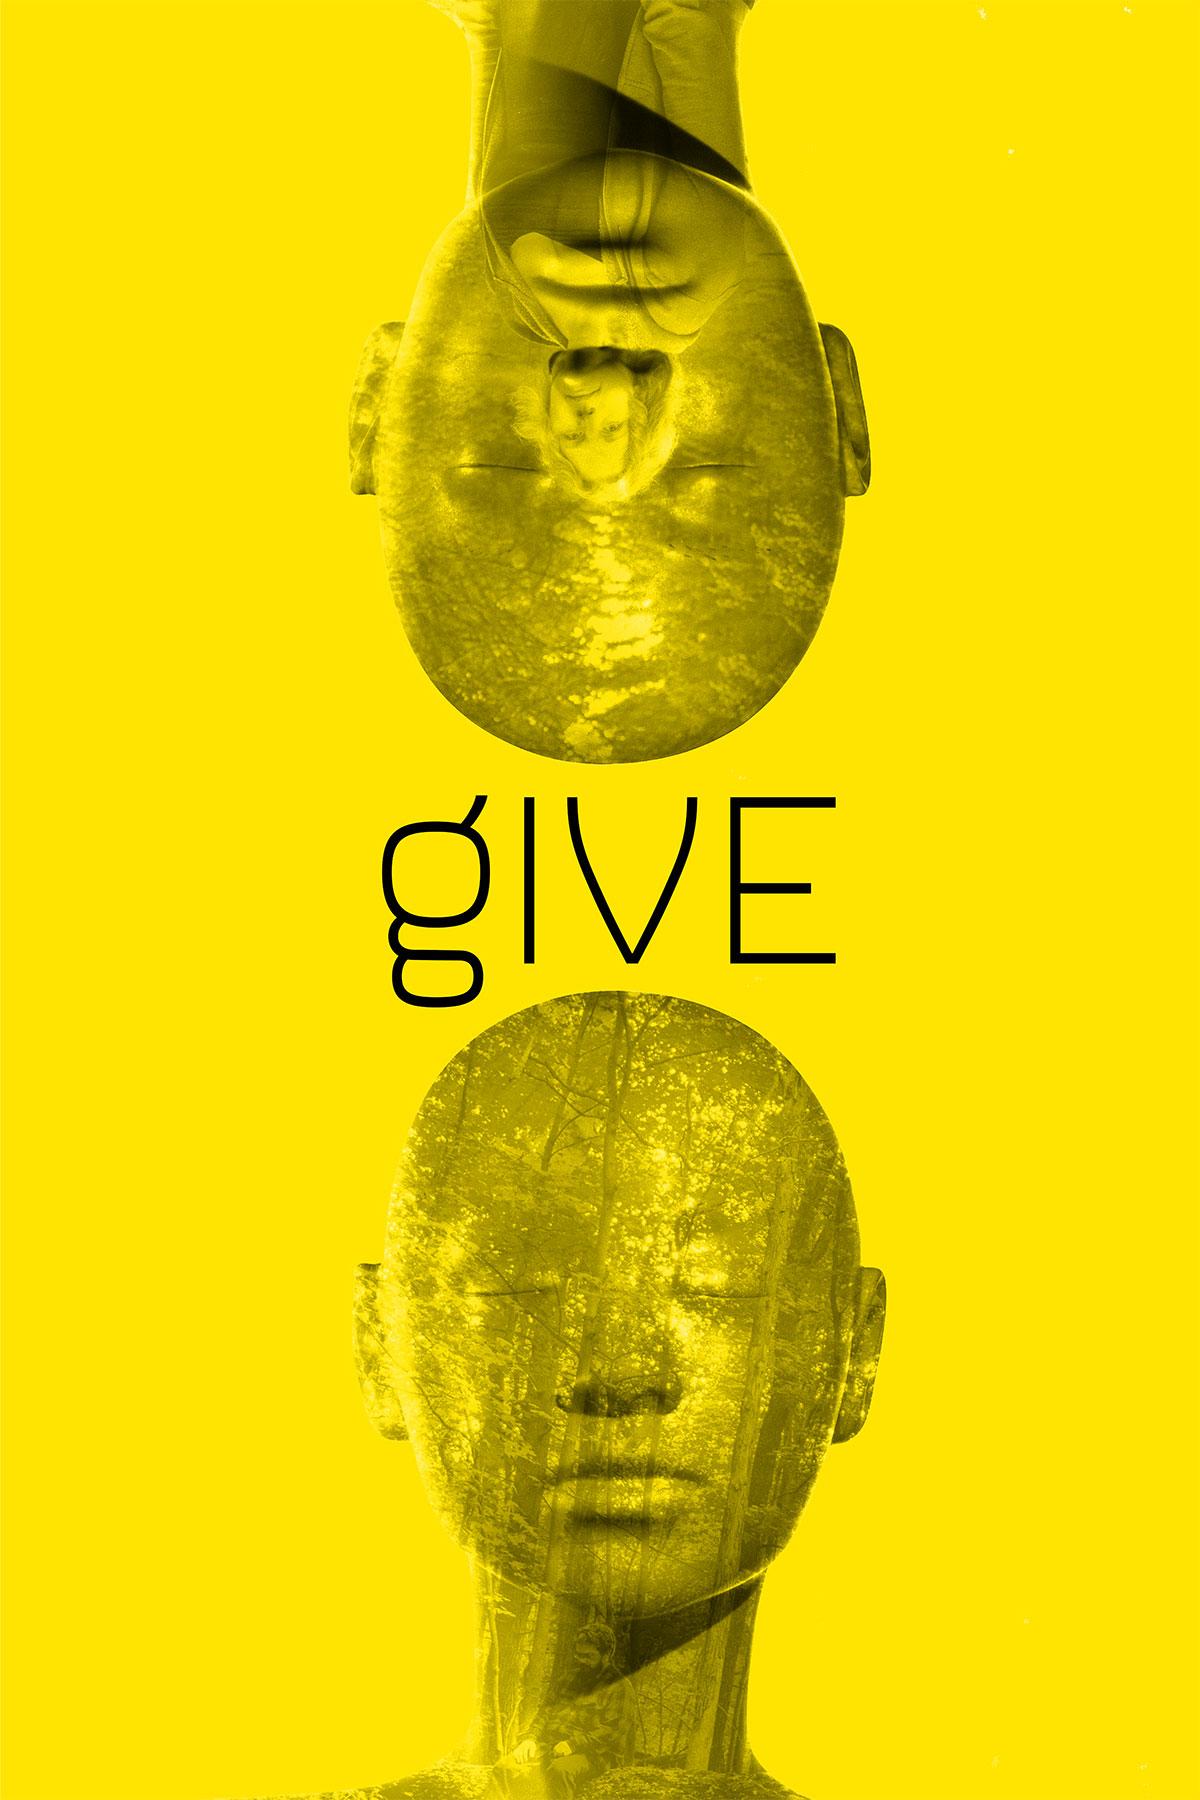 gIVE - main image